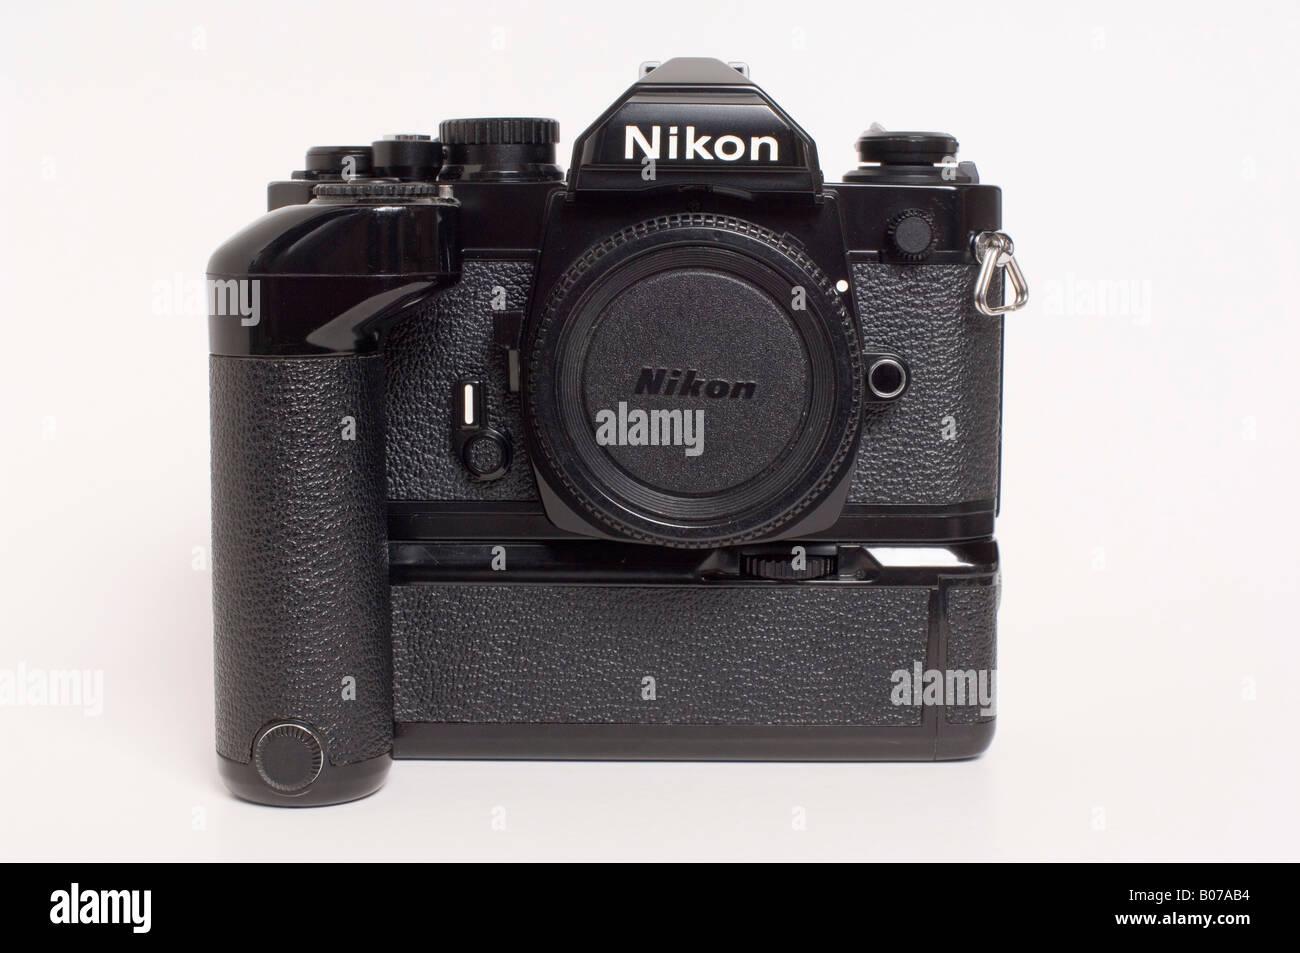 Nikon Fm2 Slr 35mm Film Camera And Motordrive Stock Photo 17372184